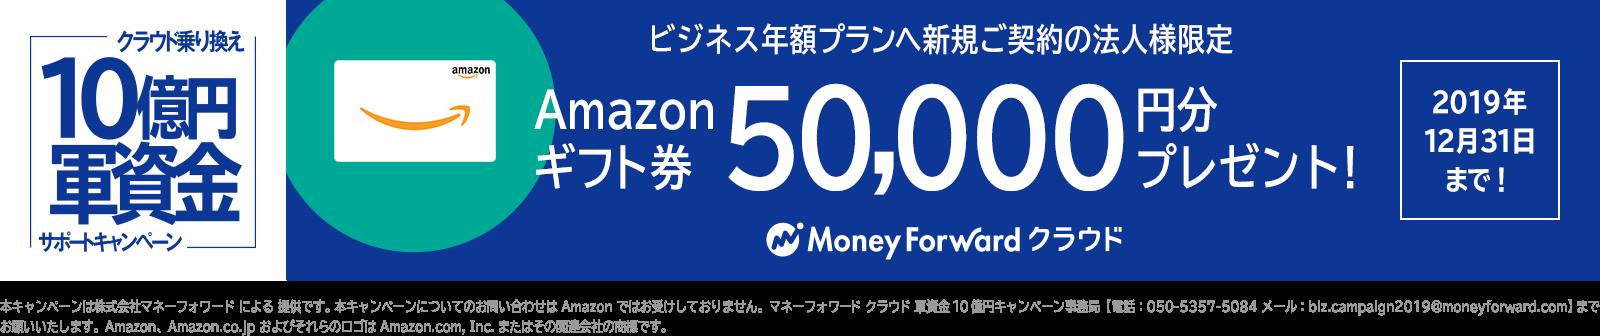 10億円軍資金キャンペーン